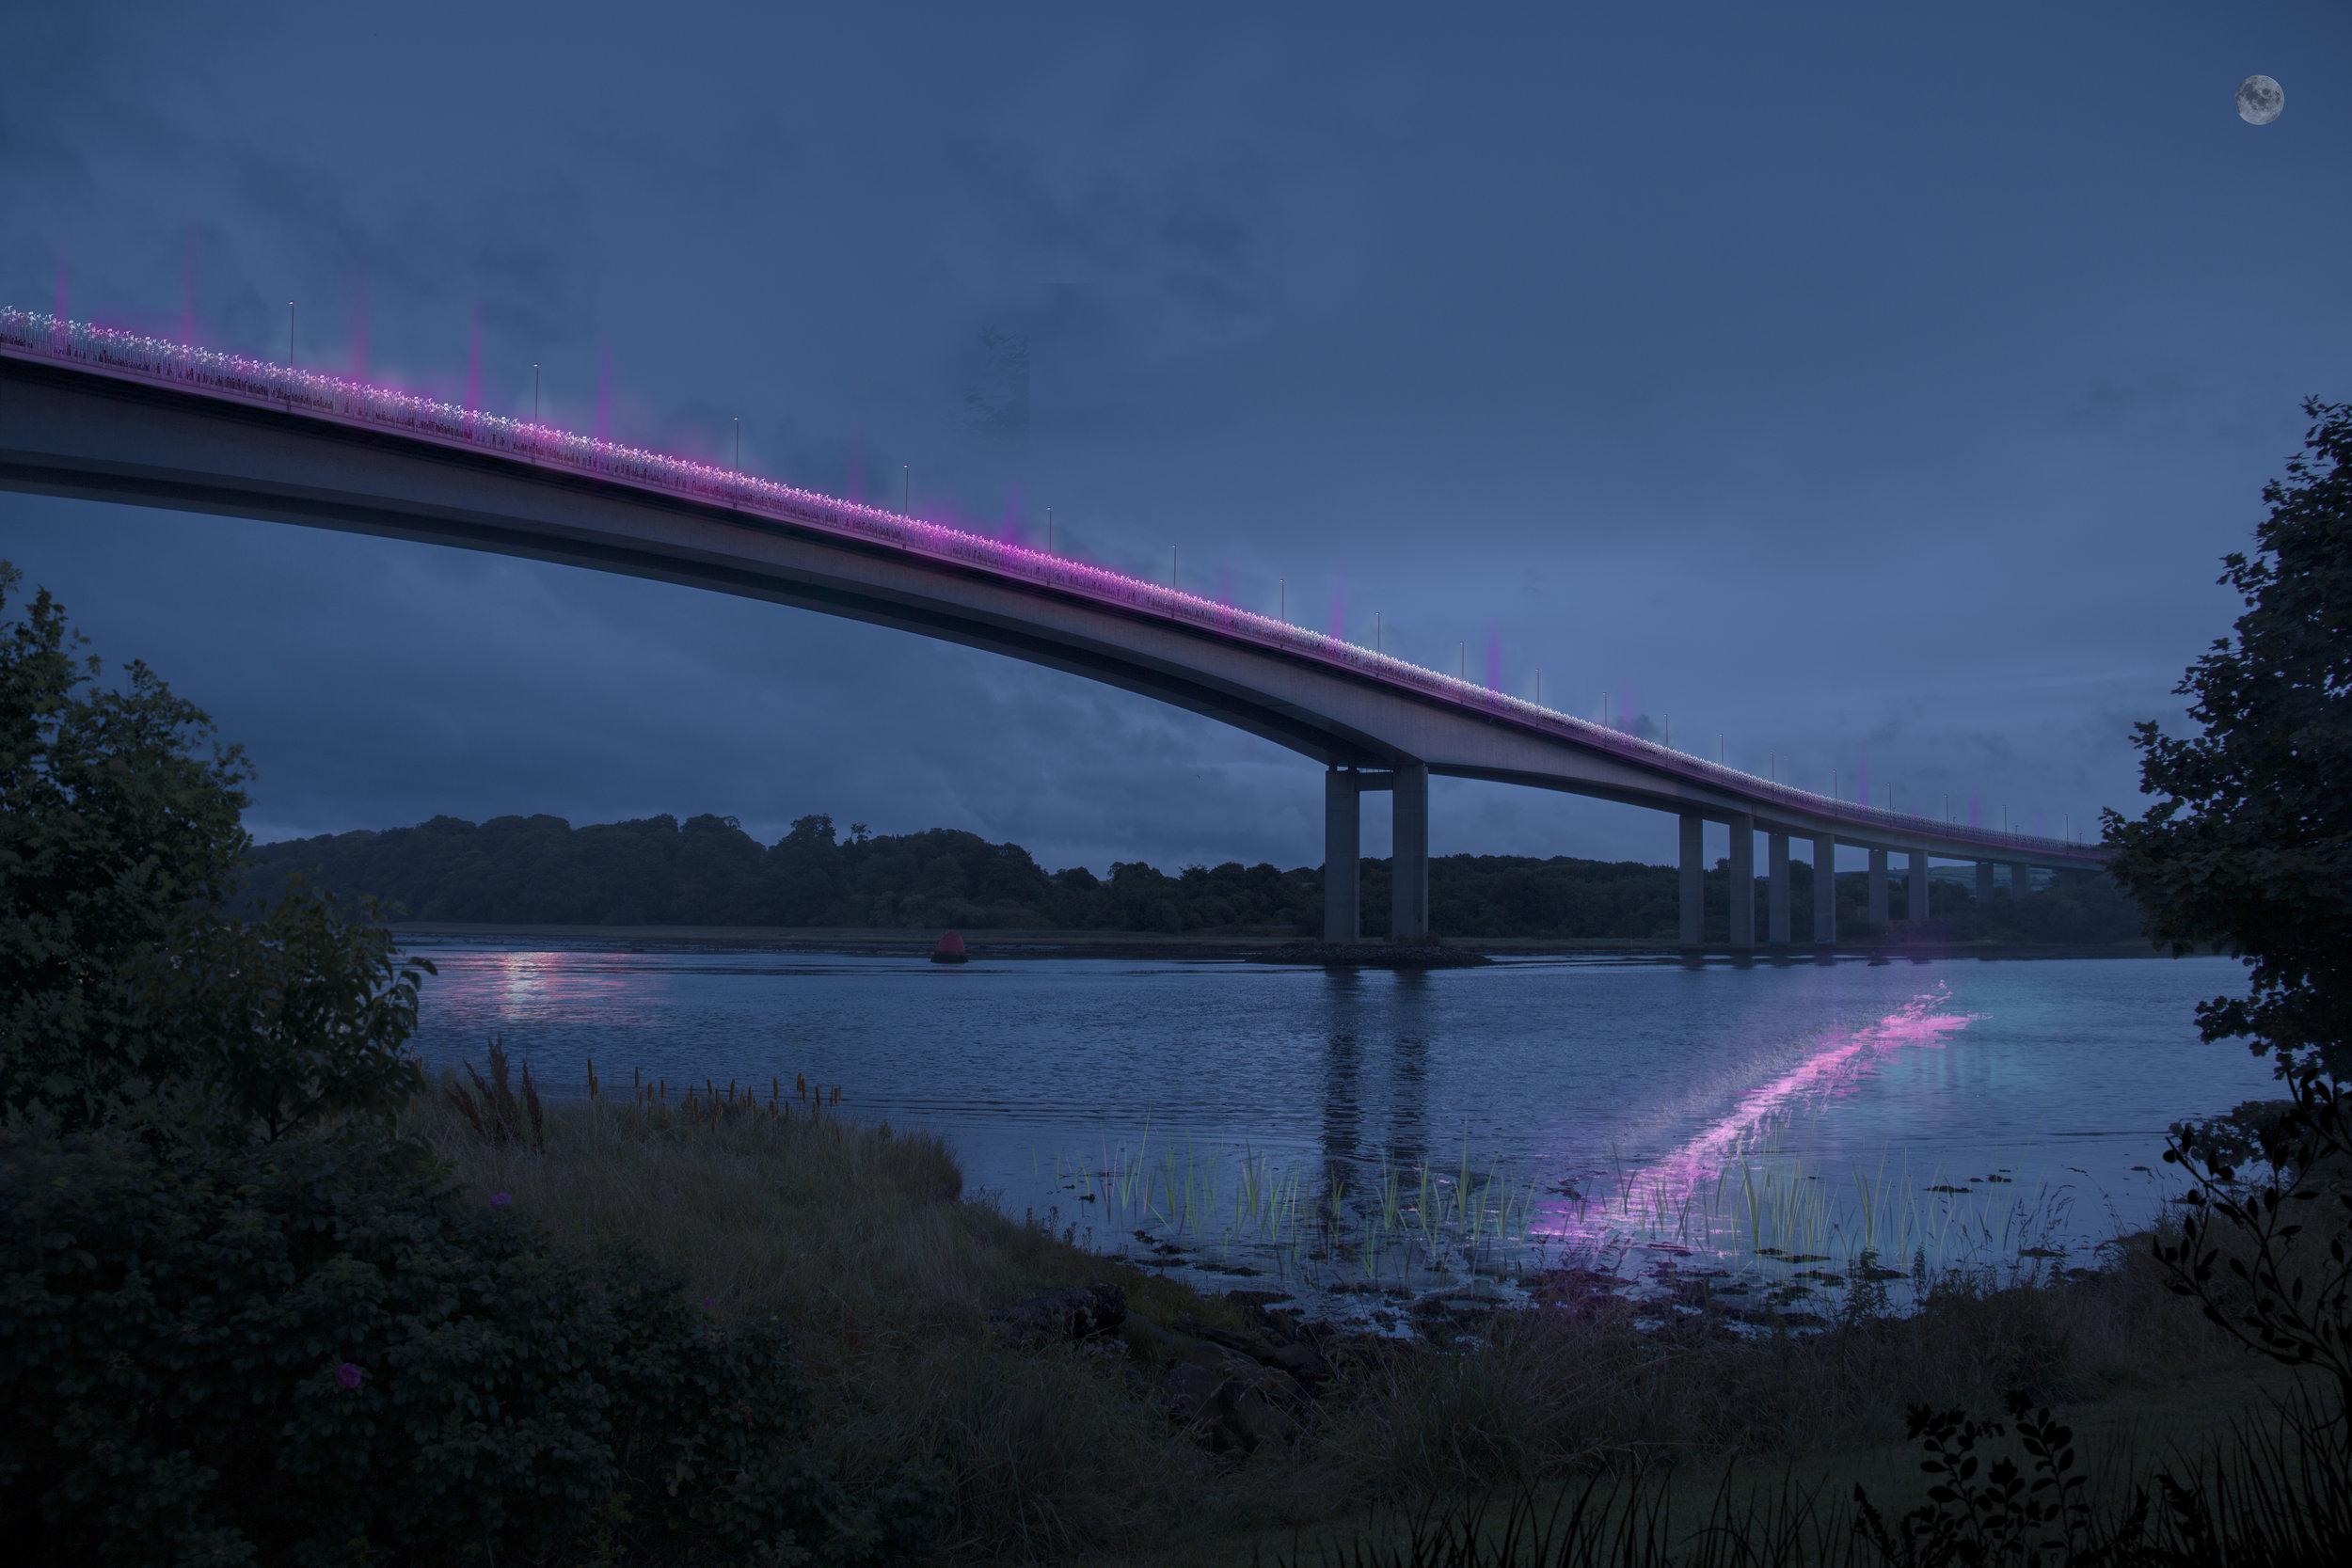 bridge in pink_vizrage.jpg